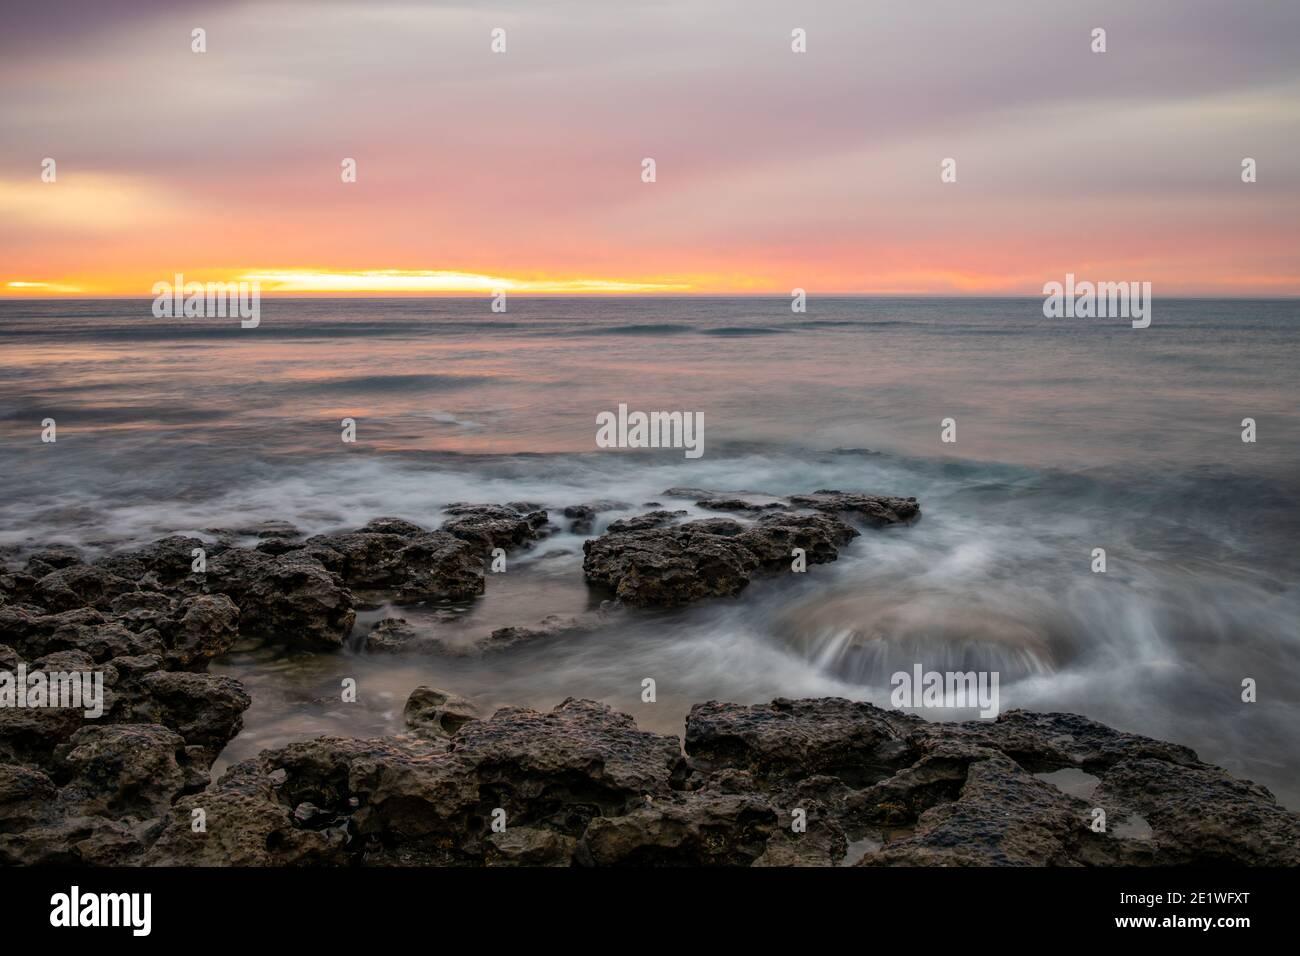 Un tramonto vibrante la spiaggia di Willunga porto in Sud Australia Il 1 gennaio 2021 Foto Stock